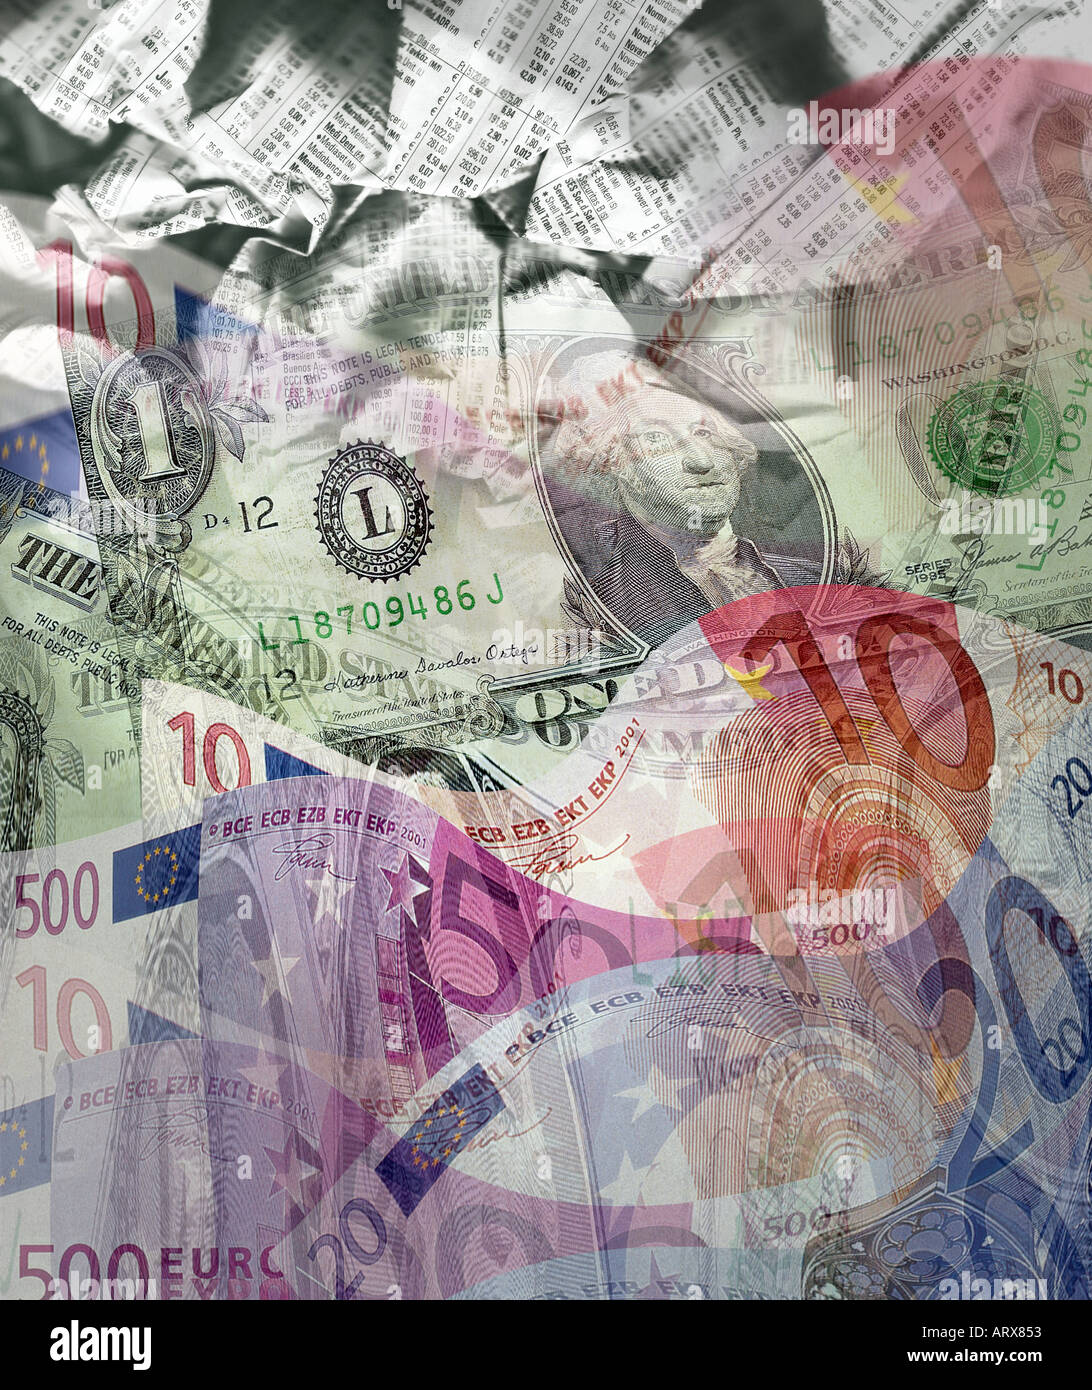 FINANZKONZEPT: Internationale Währung Stockbild